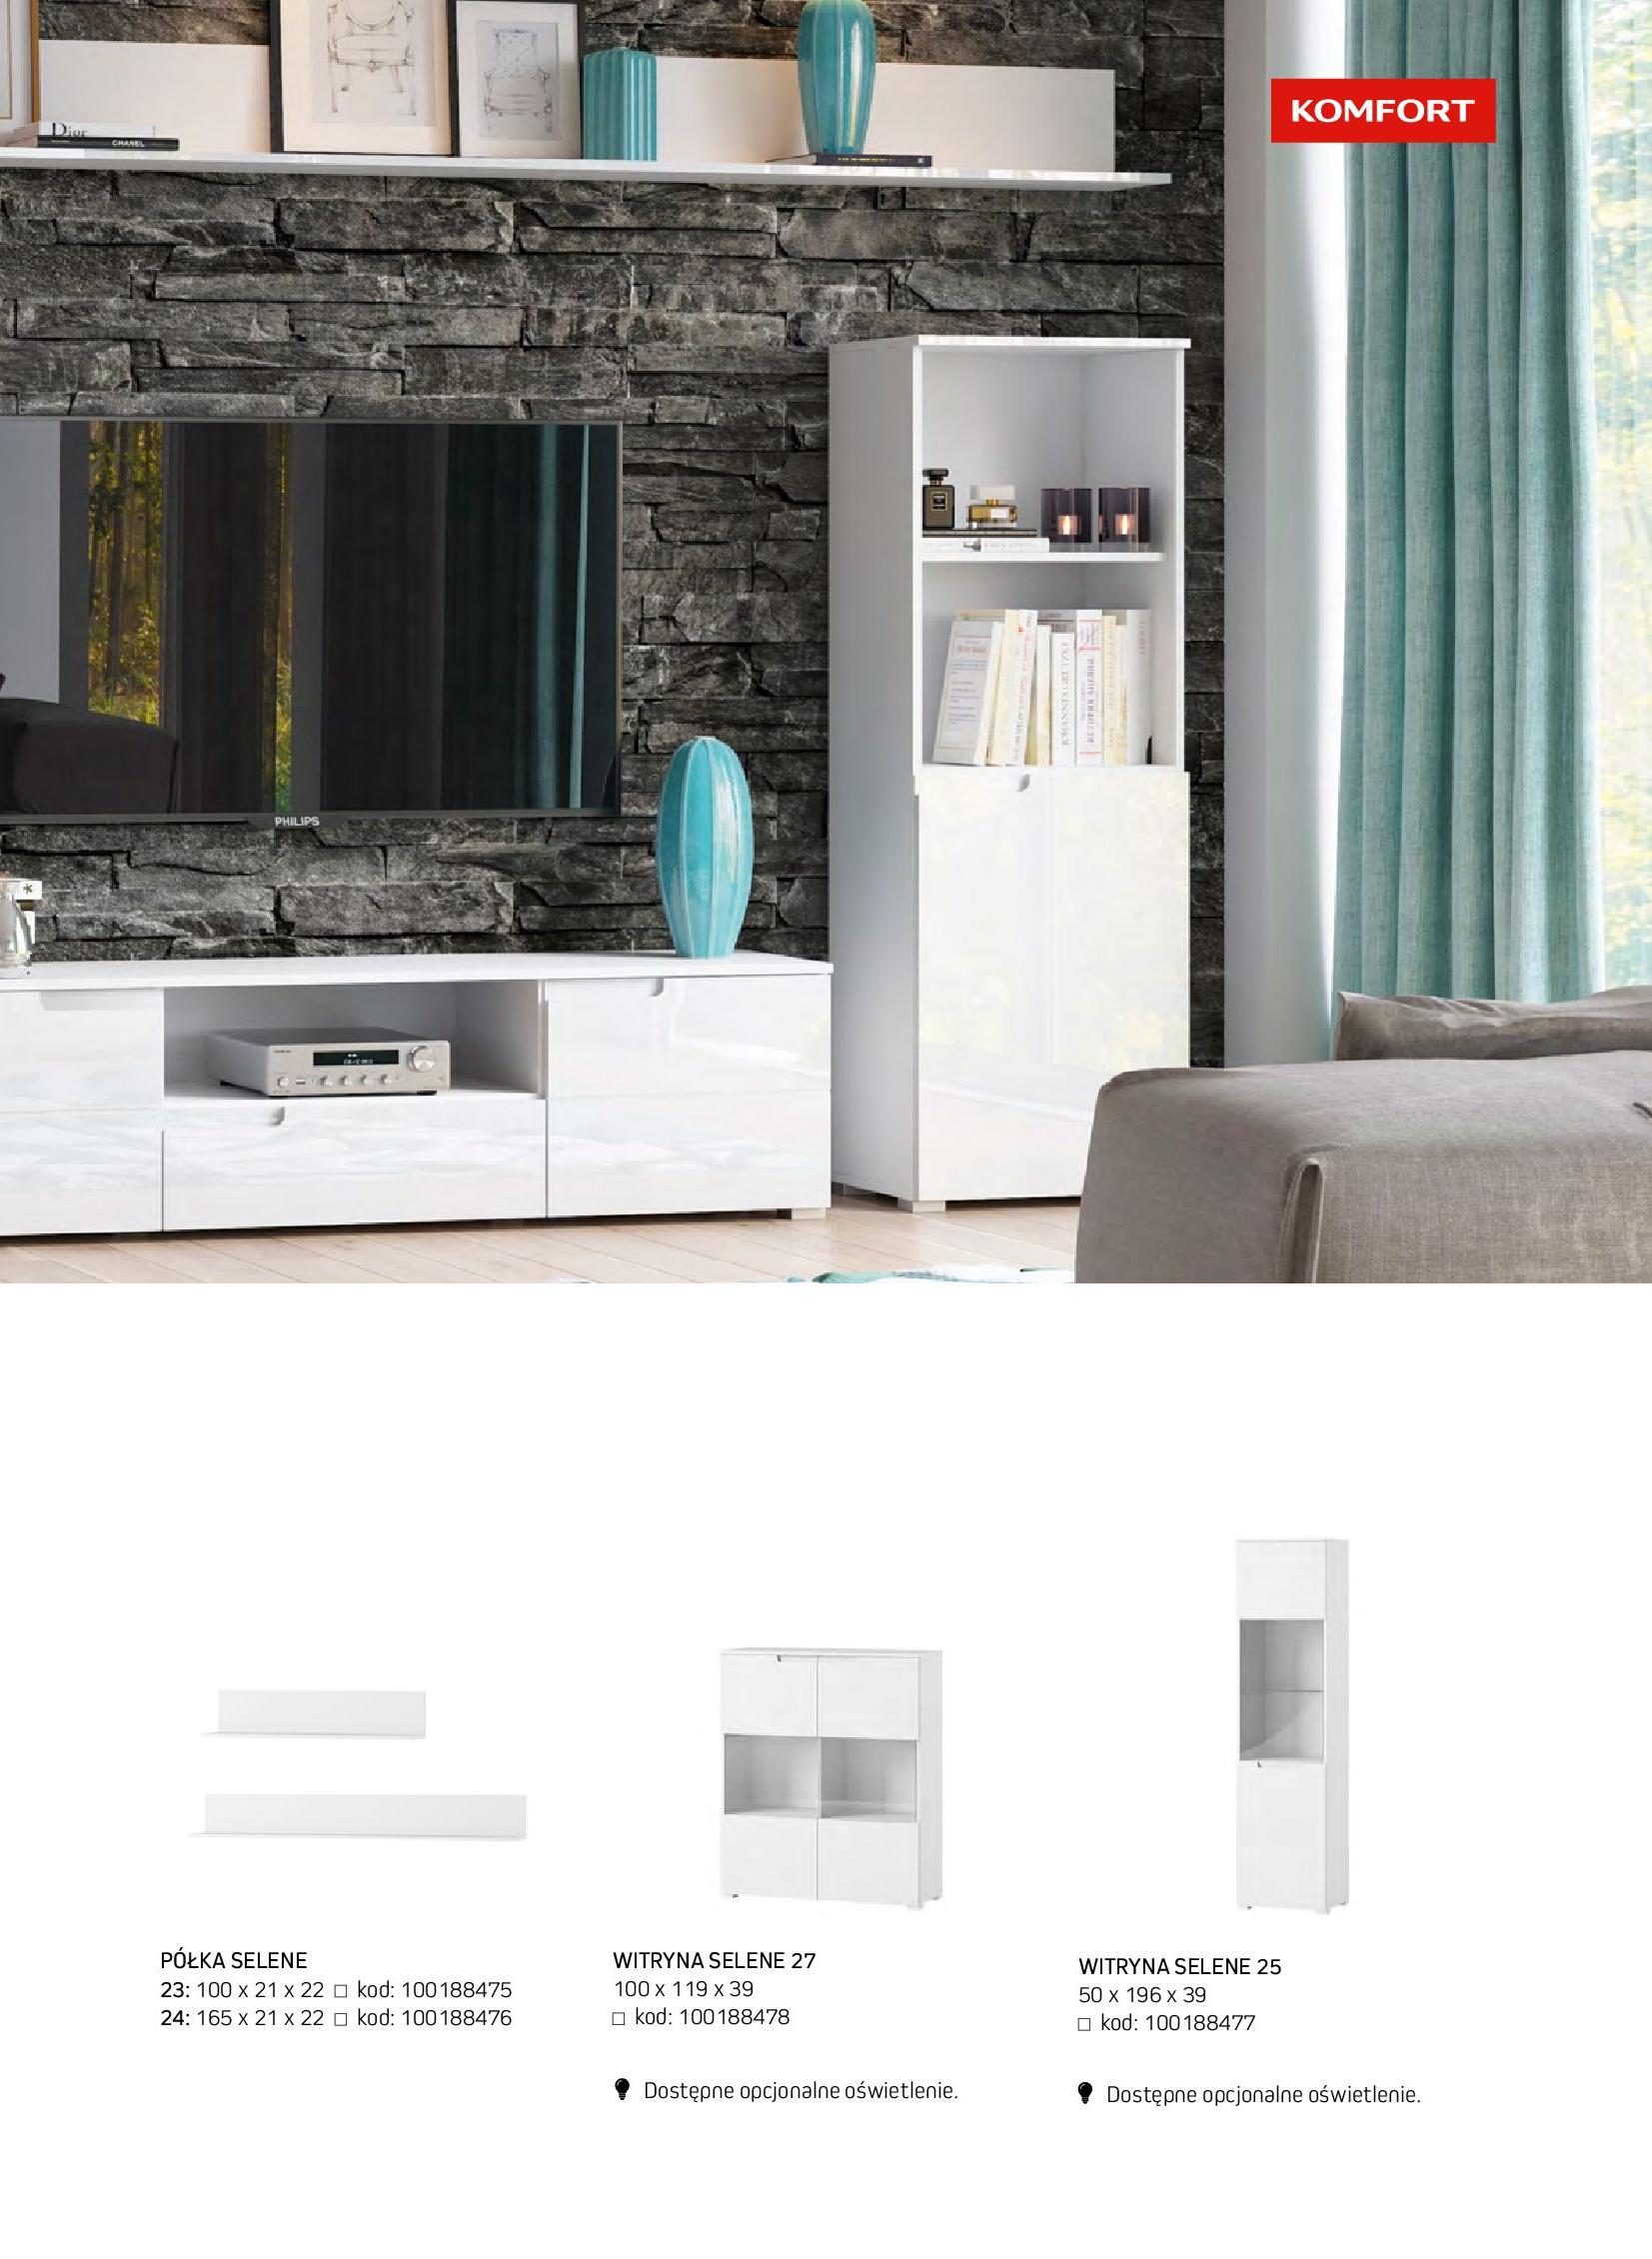 Gazetka Komfort: Gazetka komfort - Meble i oświetlenie 2021-08-26 page-31